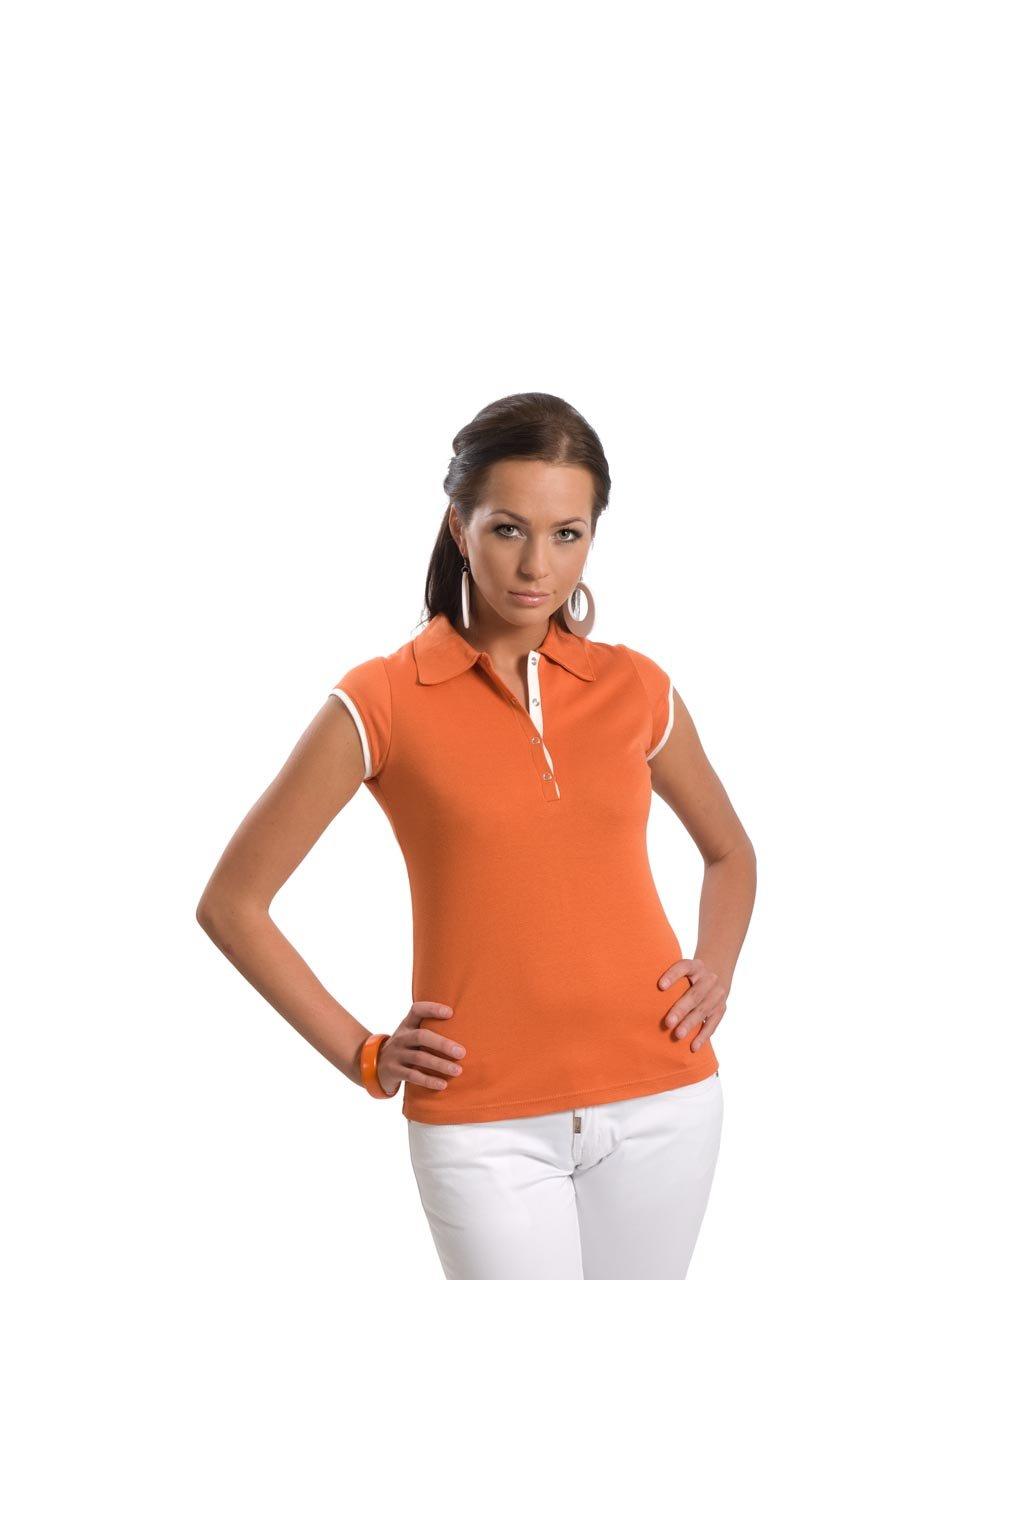 Dámská halenka s krátkým rukávem, 10382 96, pomerančová